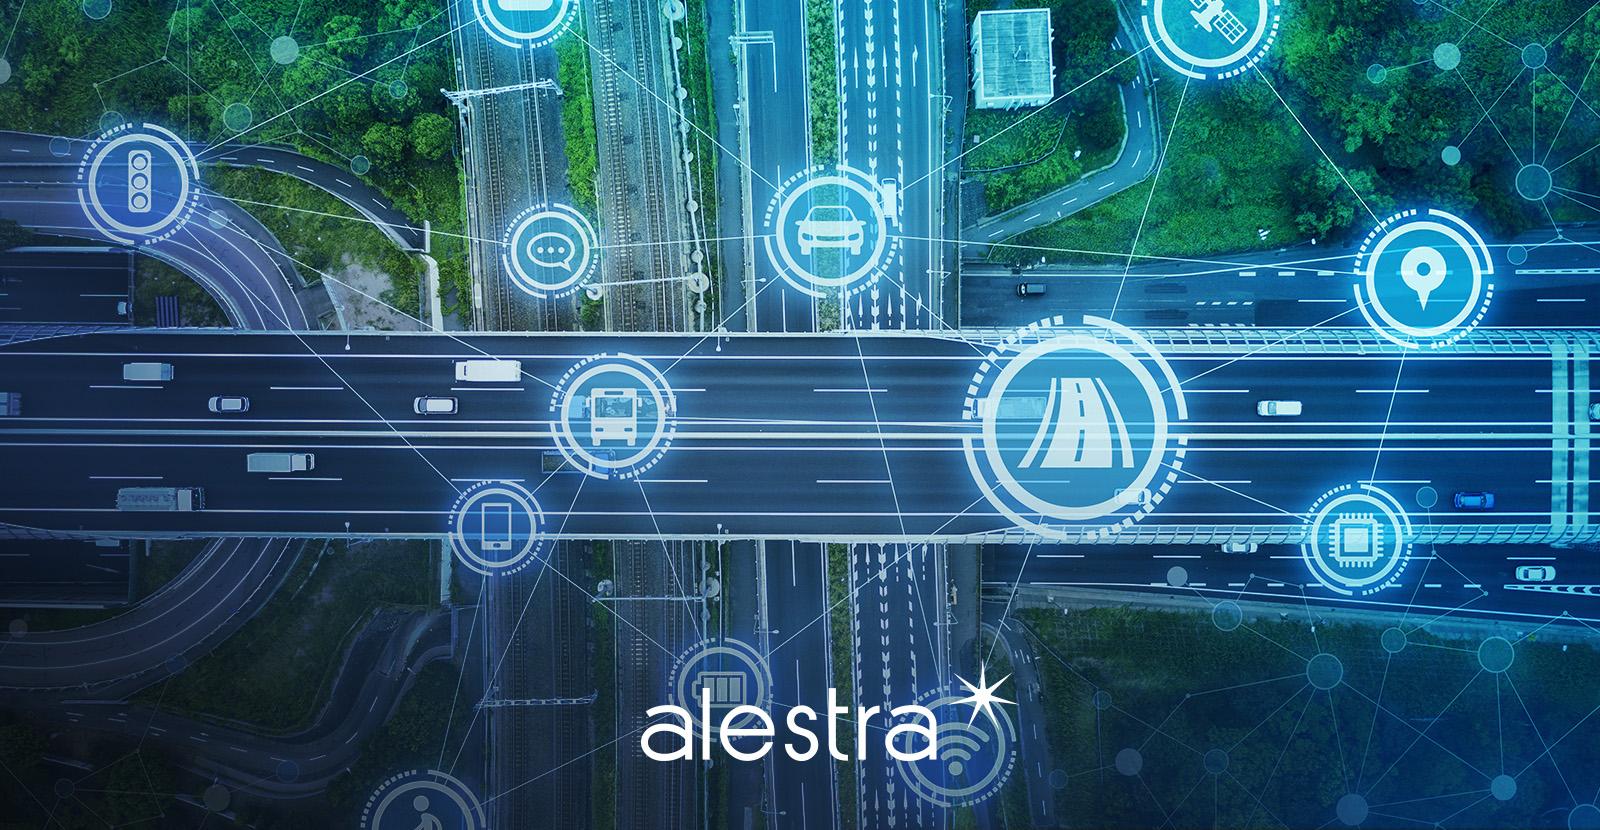 Representación gráfica de una autopista controlada digitalmente.